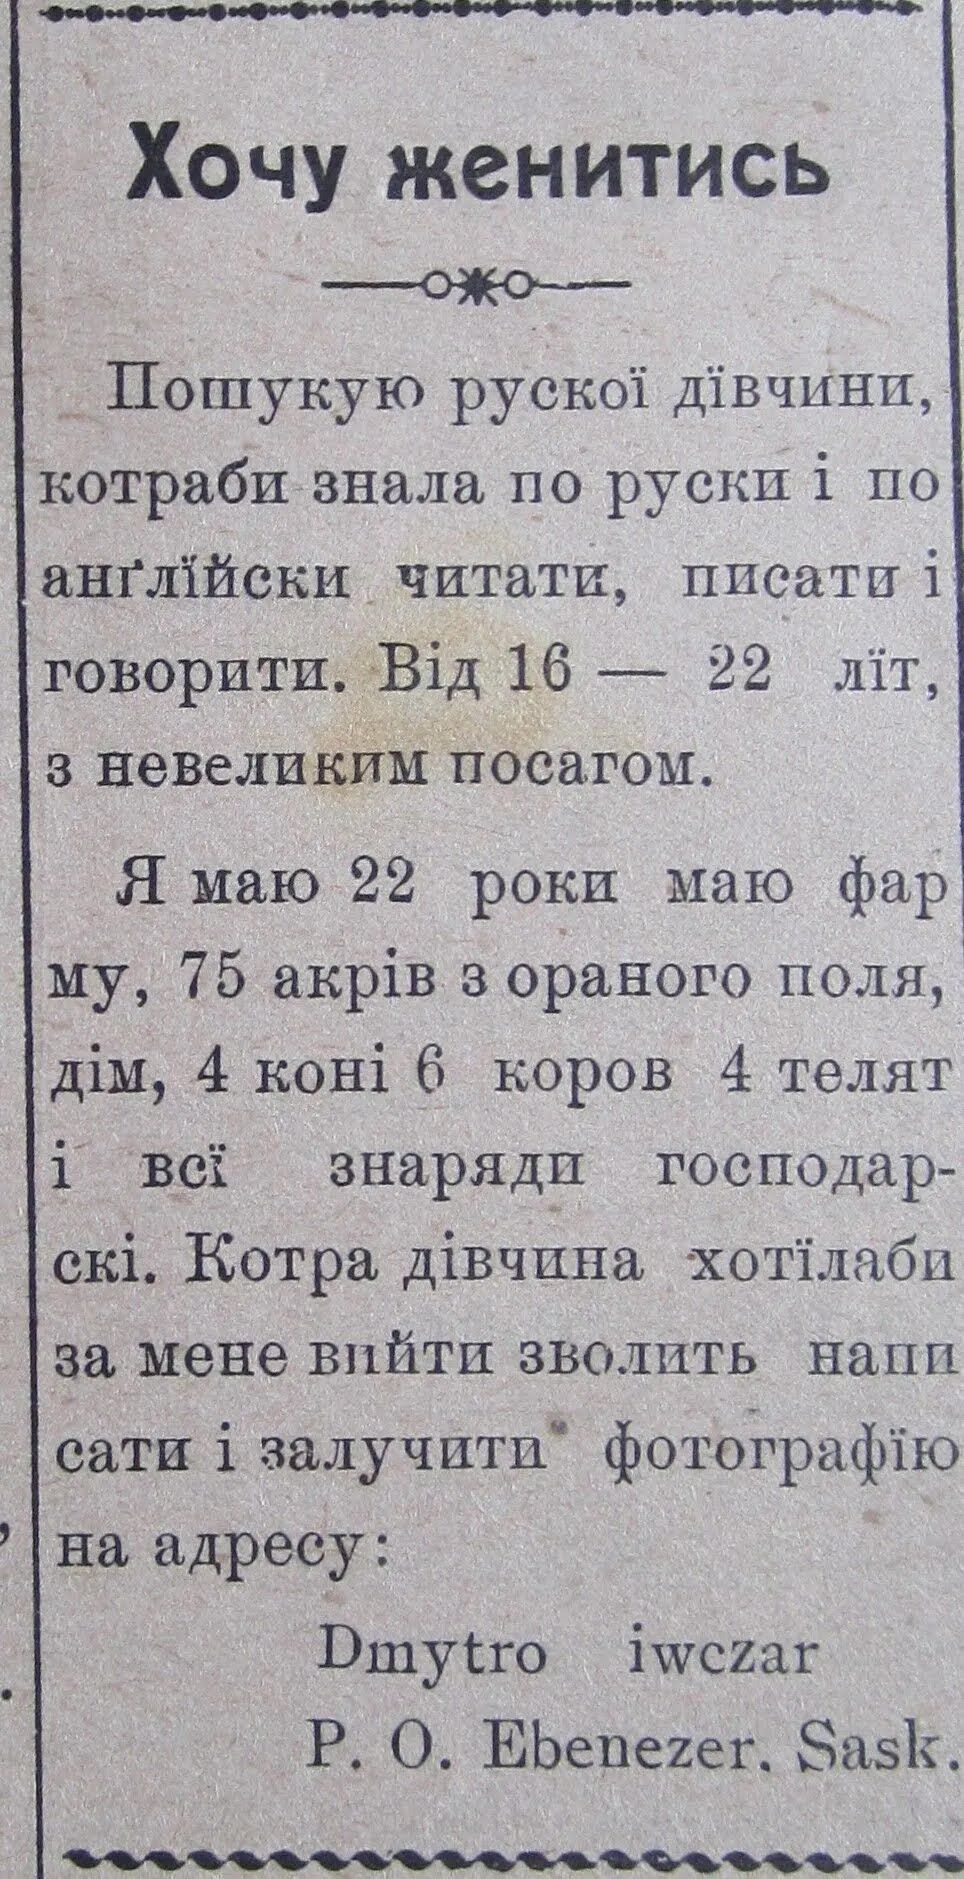 Брачное объявление из давних газет